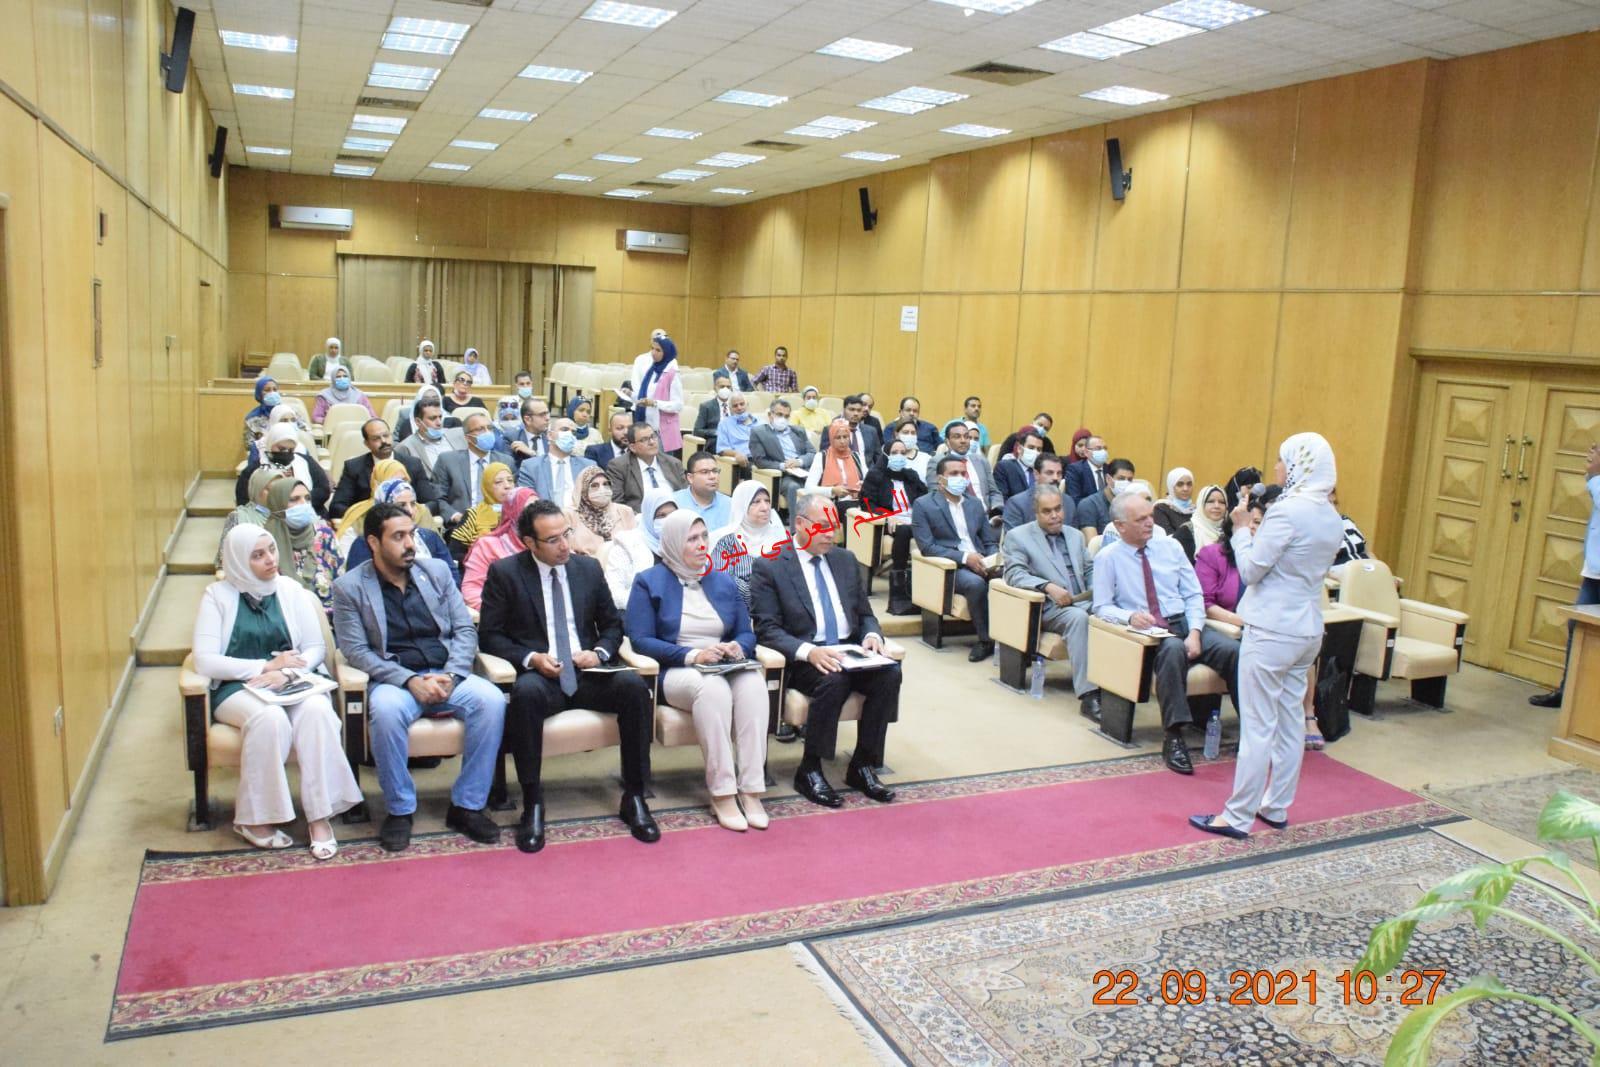 وزارة التموين … اثنين من العاملين بالوزارة وصلوا للتصفية النهائية لجائزة التميز الحكومي .بقلم ليلي حسين